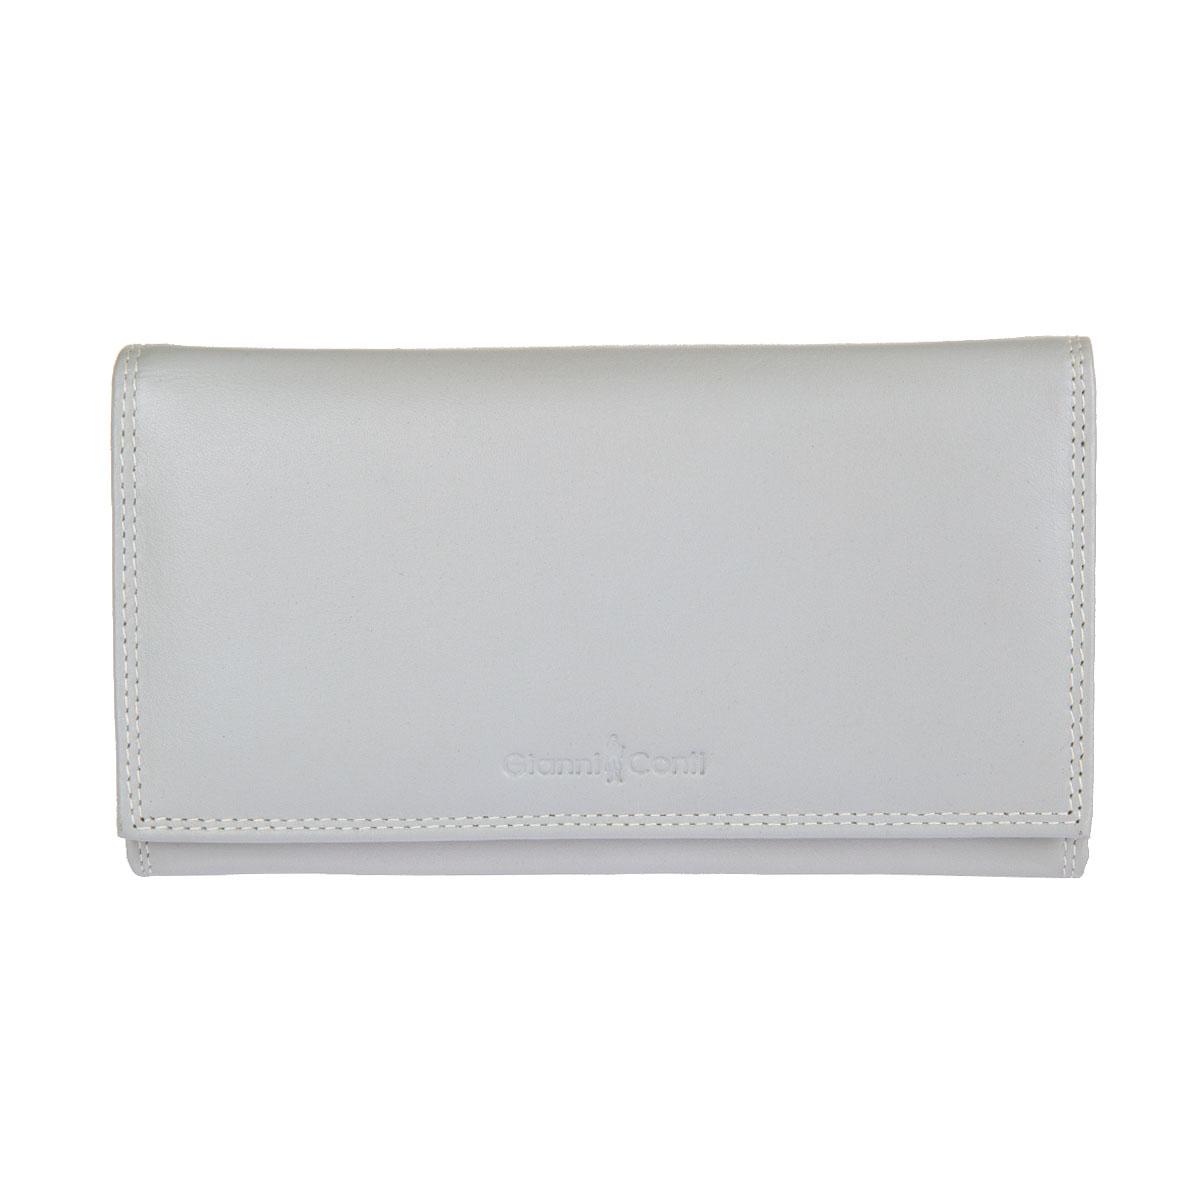 Портмоне женское Gianni Conti, цвет: серый. 18080211808021 pearl ak multiСтильное женское портмоне Gianni Conti выполнено из натуральной кожи. Изделие закрывается на клапан с кнопкой, оформленный тиснением в виде названия бренда производителя. Портмоне содержит три отделения для купюр, пришивной карман для документов с отделением на застежке-молнии, отделение для мелочи, закрывающееся на защелку, шесть кармашков для визиток и пластиковых карт (один - с окошком из прозрачного пластика) и два потайных кармана. Портмоне упаковано в фирменную картонную коробку. Оригинальное портмоне подчеркнет вашу индивидуальность и изысканный вкус, а также станет замечательным подарком человеку, ценящему качественные и практичные вещи.